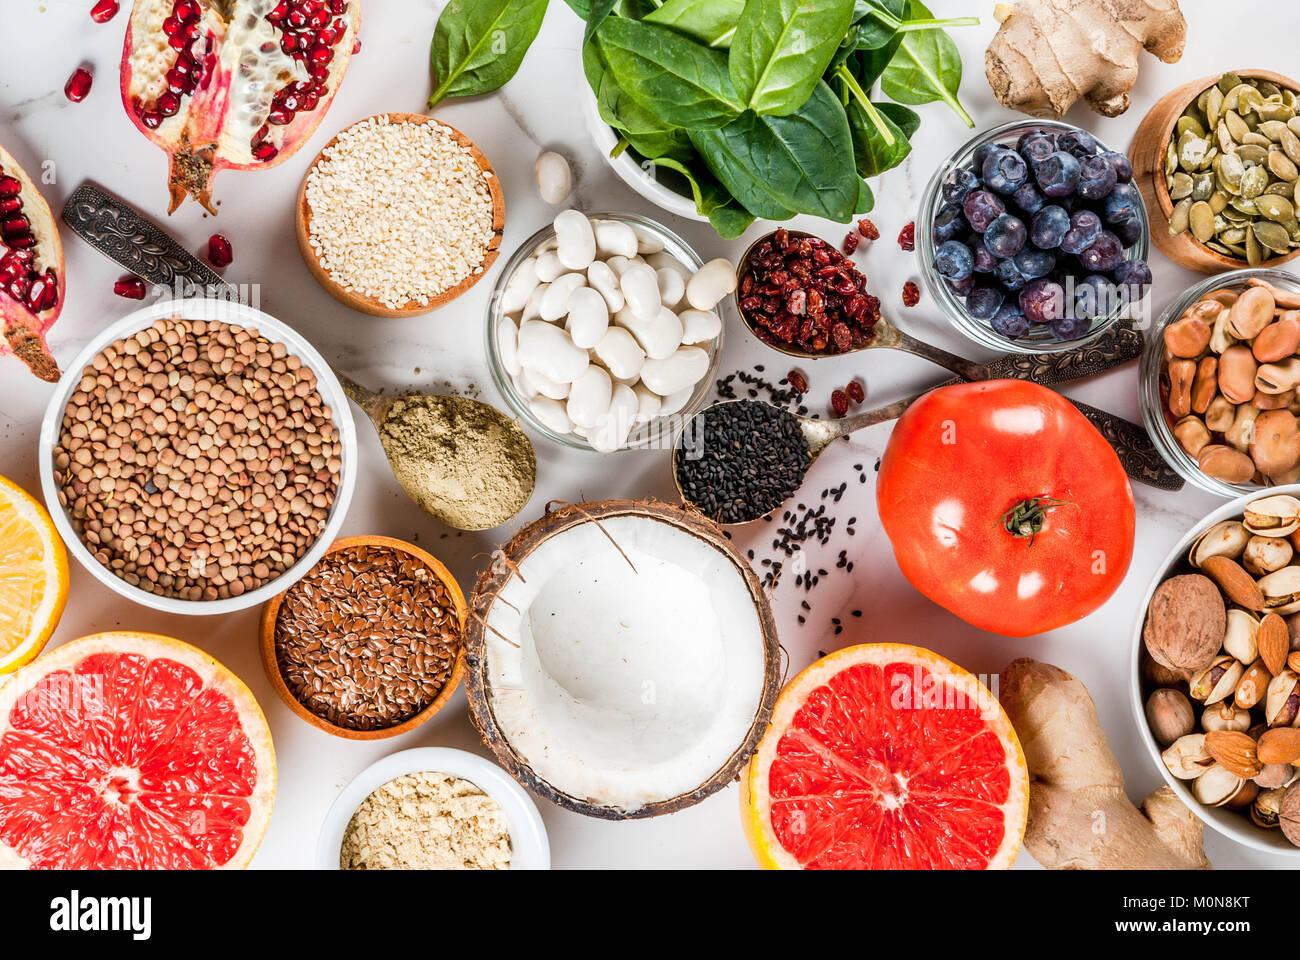 Conjunto de dieta saludable de alimentos org nicos for Semillas de frutas y verduras